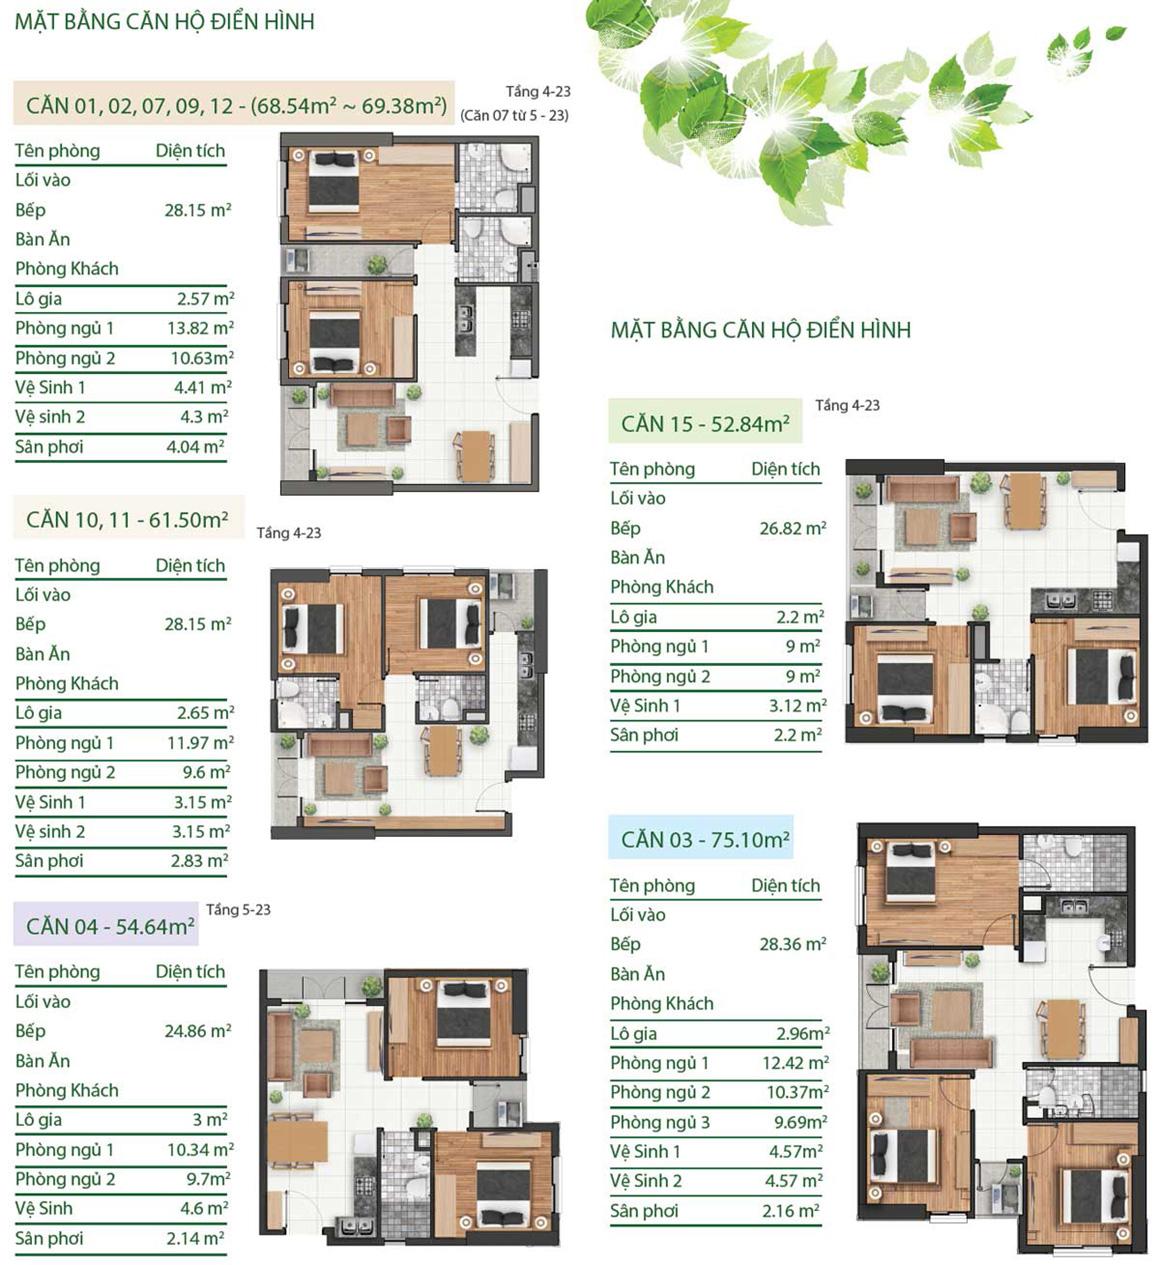 Thiết kế căn hộ Viva Plaza quận 7